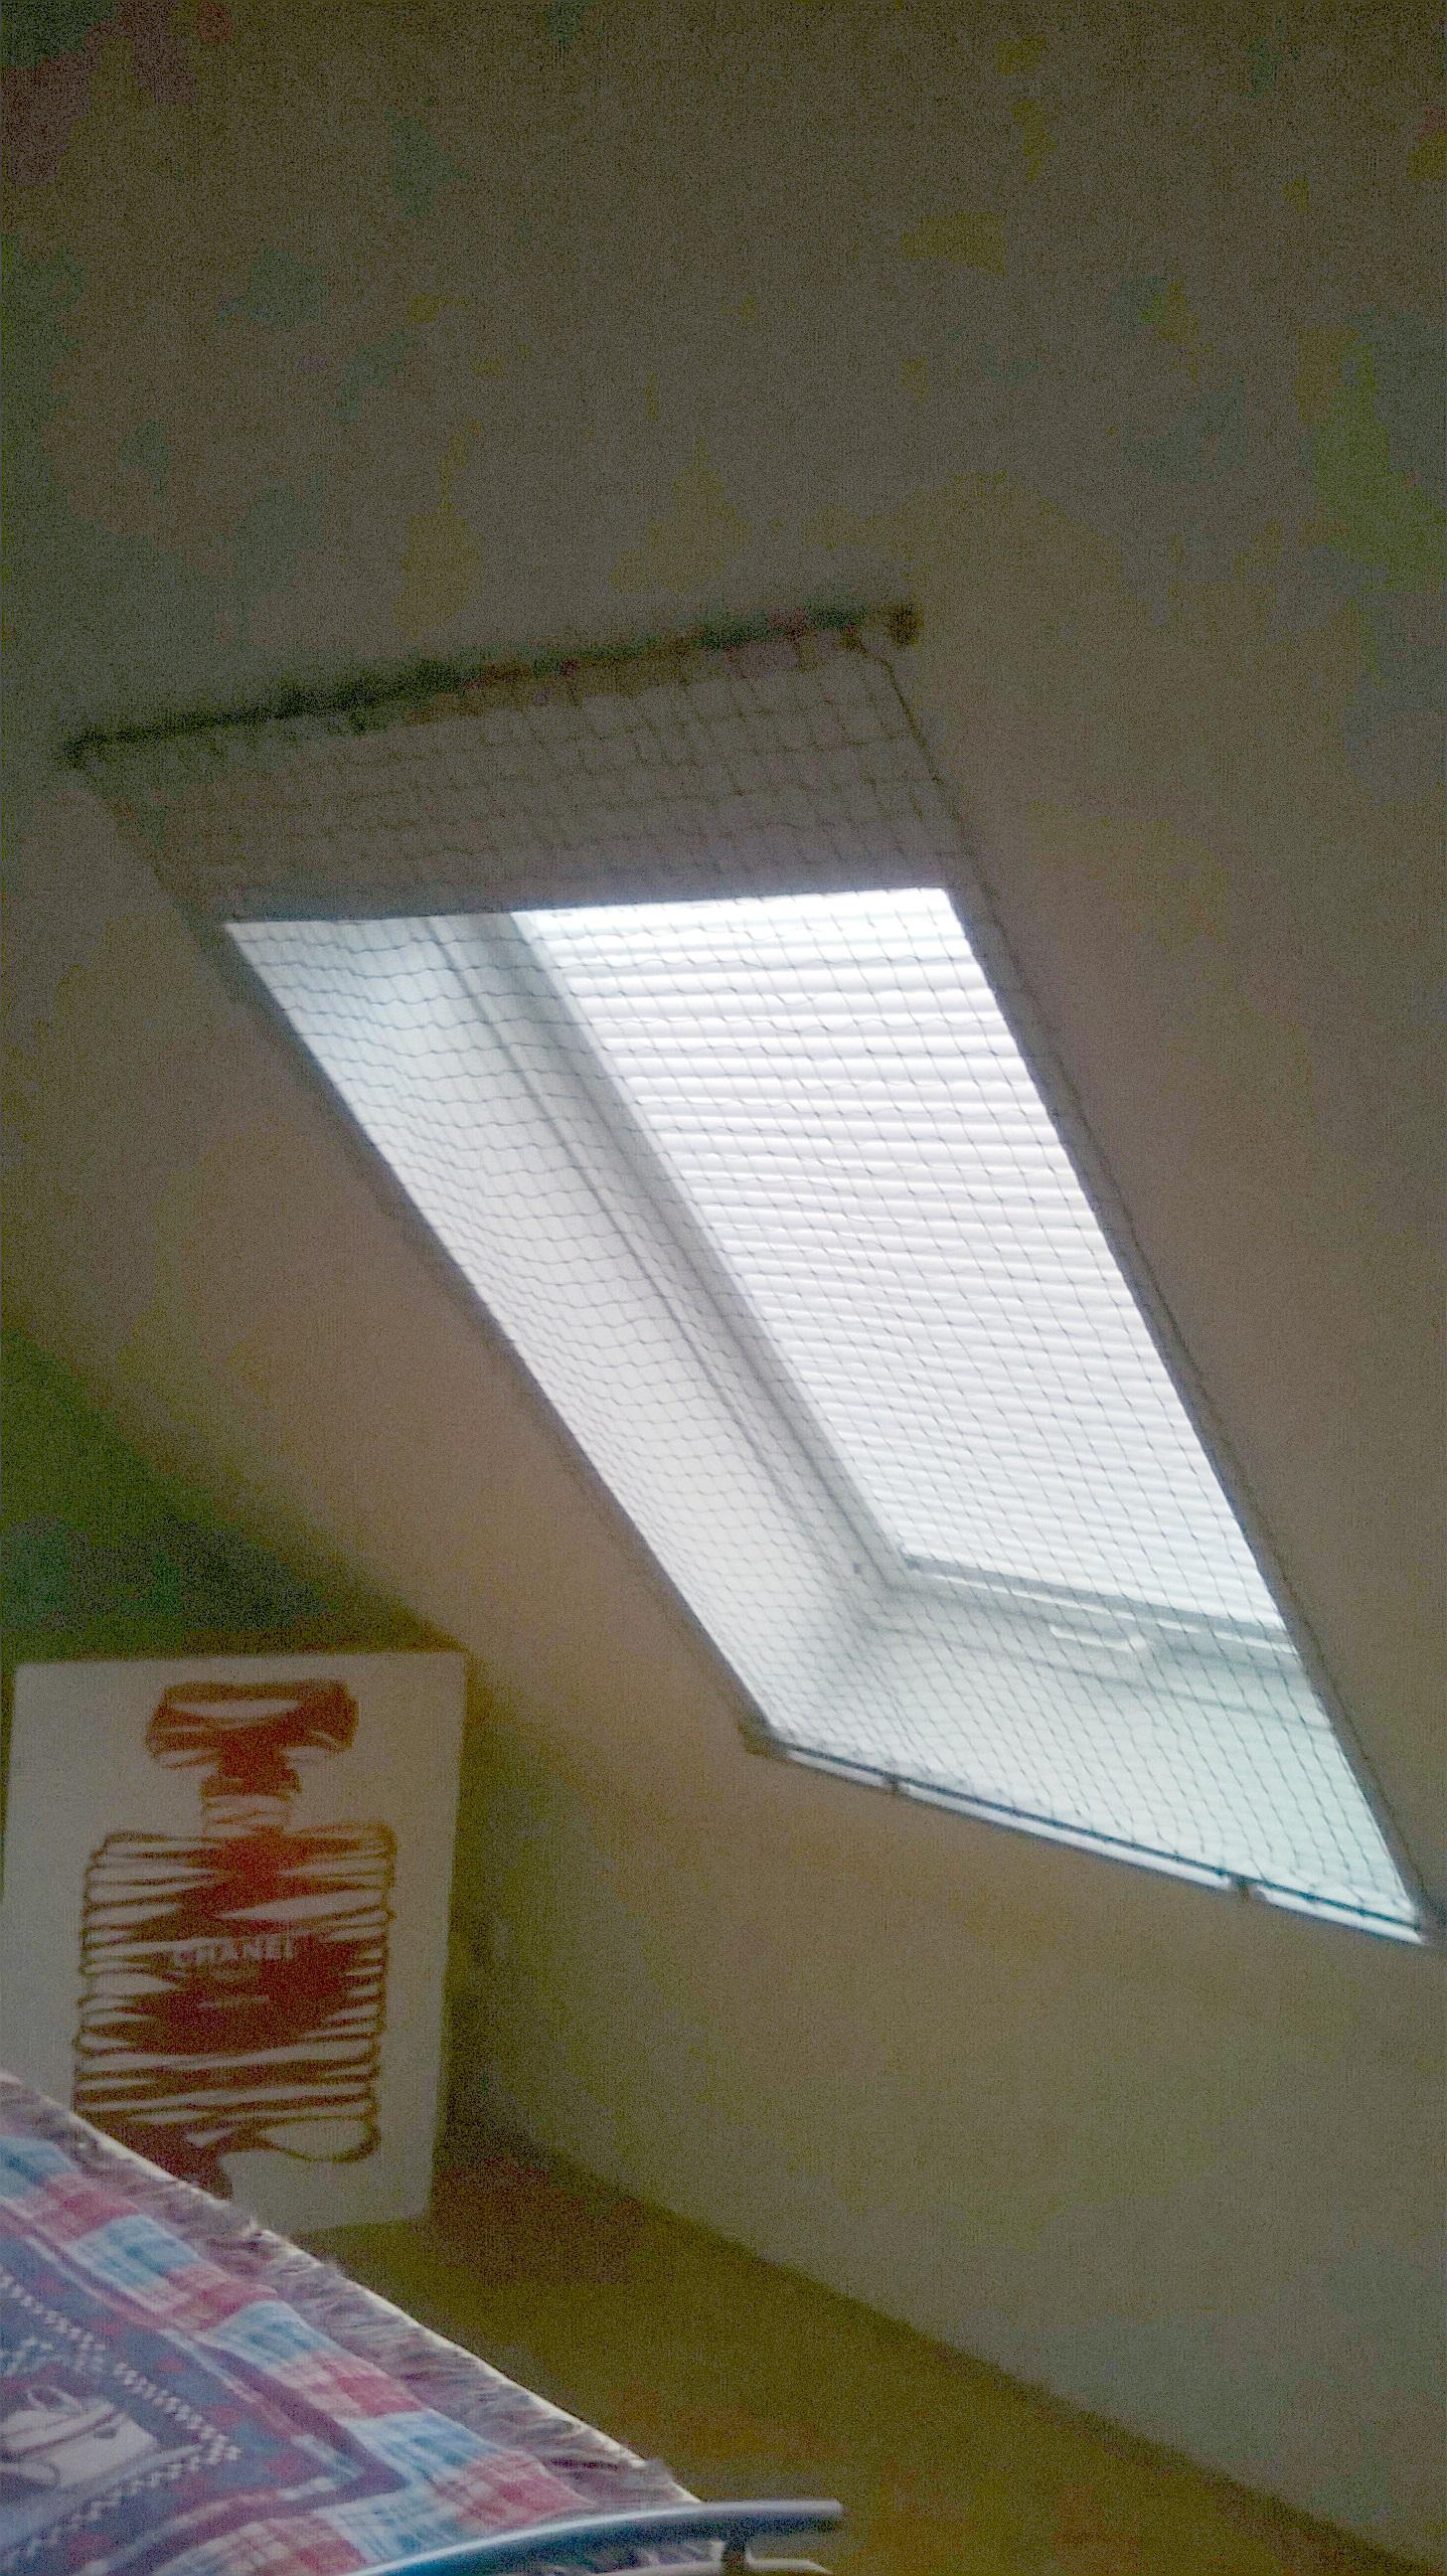 dachfenster bestellen neue verglasung bei velux with dachfenster bestellen best velux gvt with. Black Bedroom Furniture Sets. Home Design Ideas